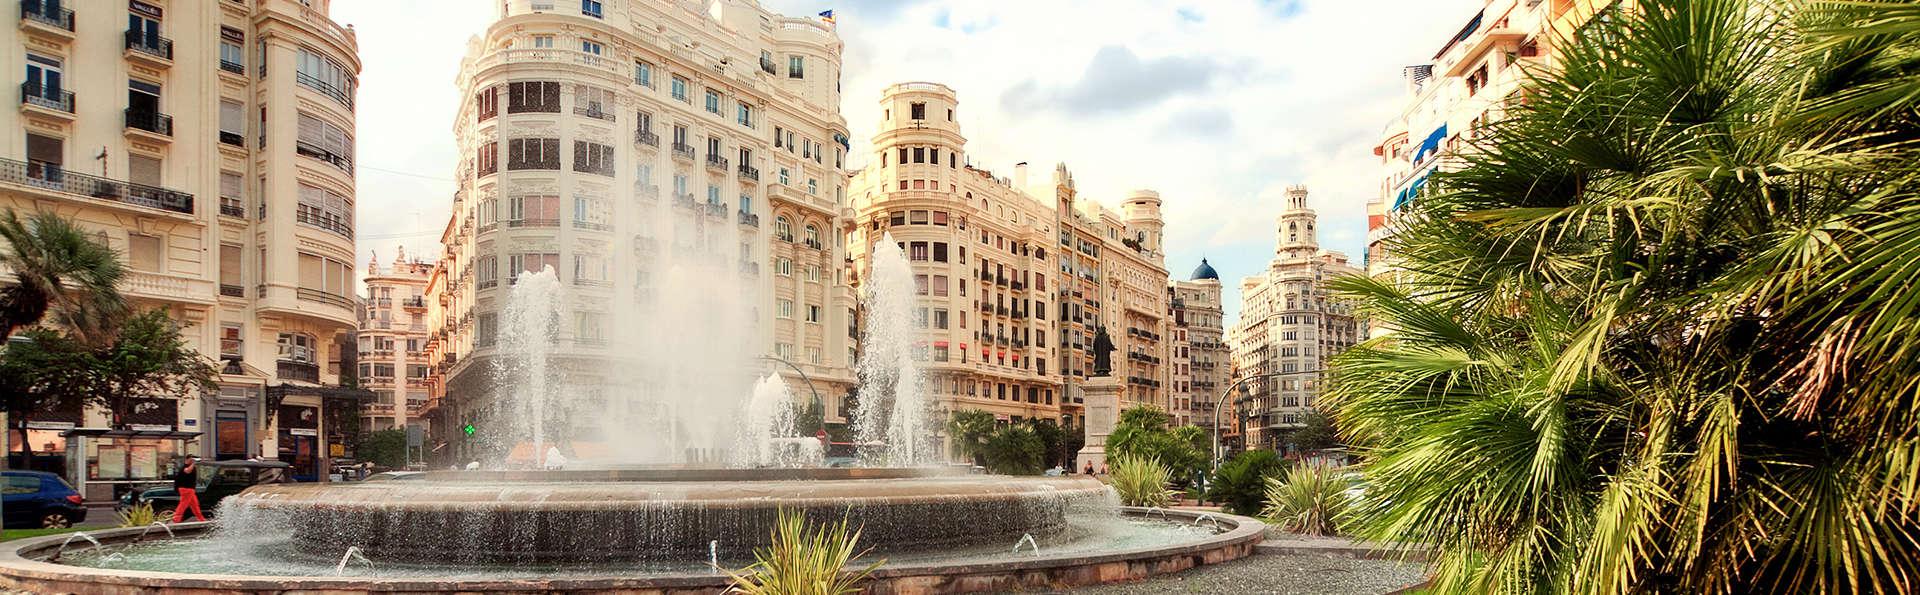 Évasion au centre de Valence avec visite guidée pour découvrir ses secrets